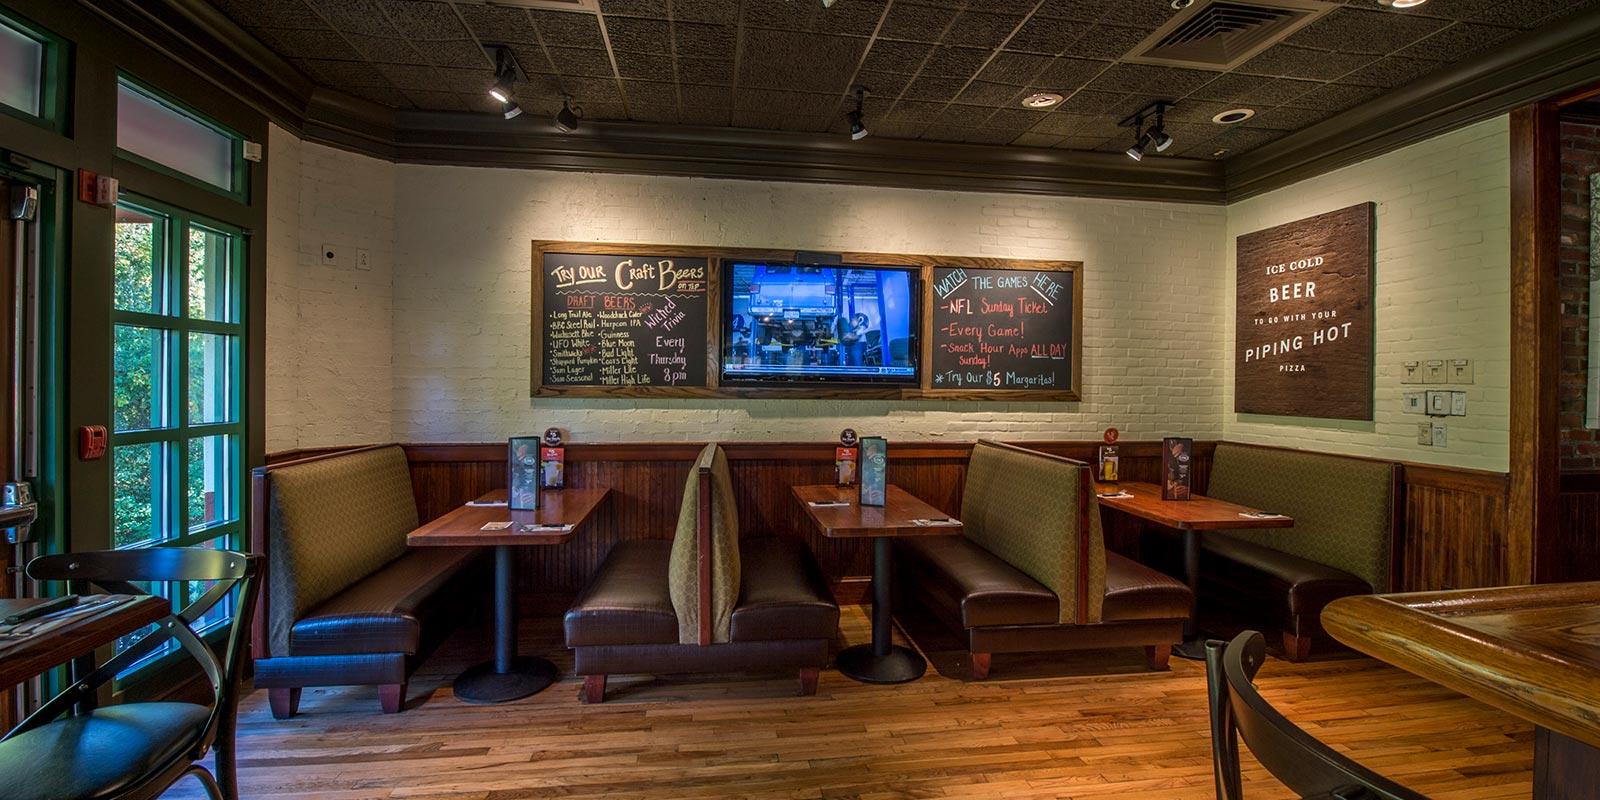 Uno Pizzeria & Grill - Lobby